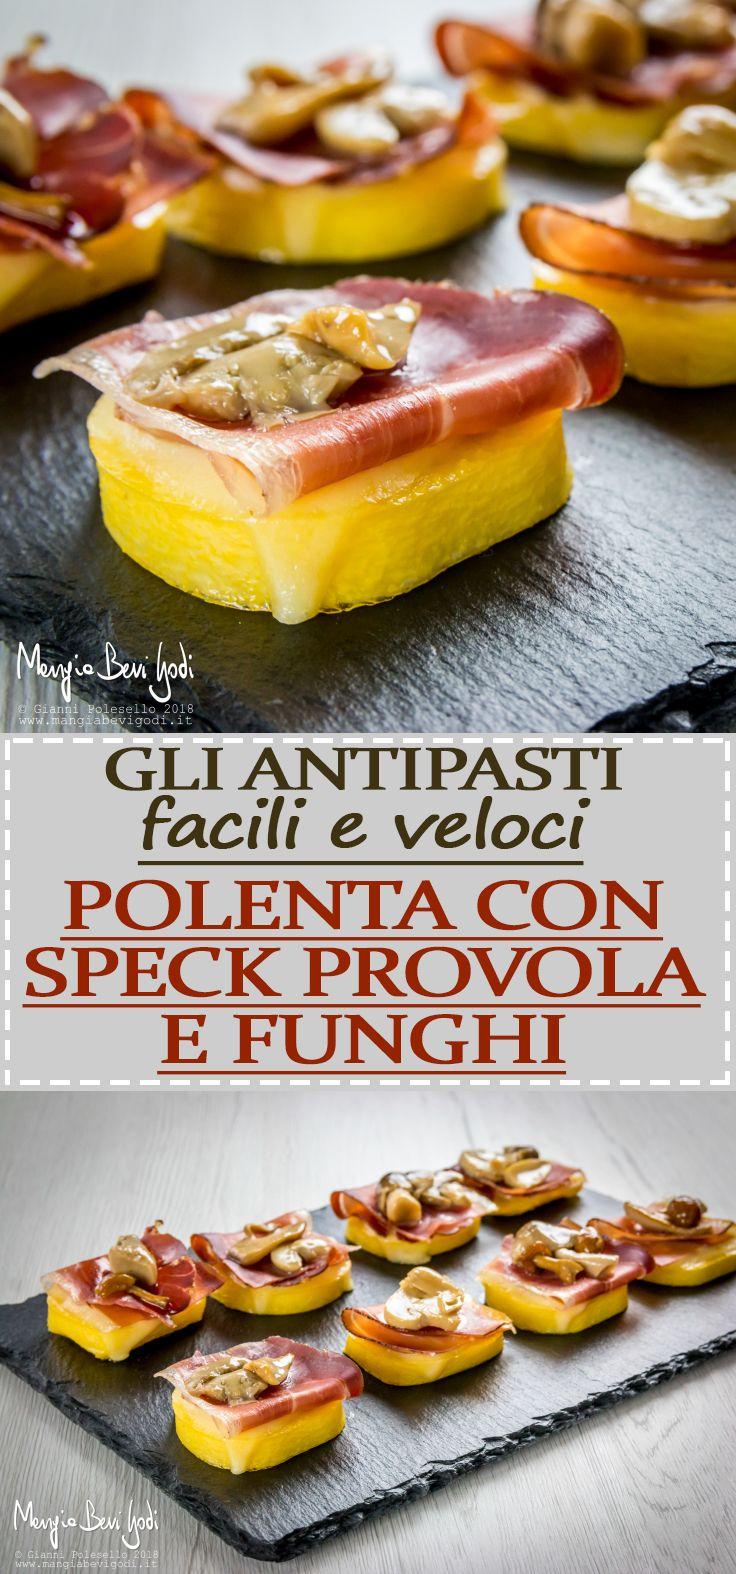 La (video) ricetta di un'antipasto facile e veloce a base di polenta, speck, provola e funghi.